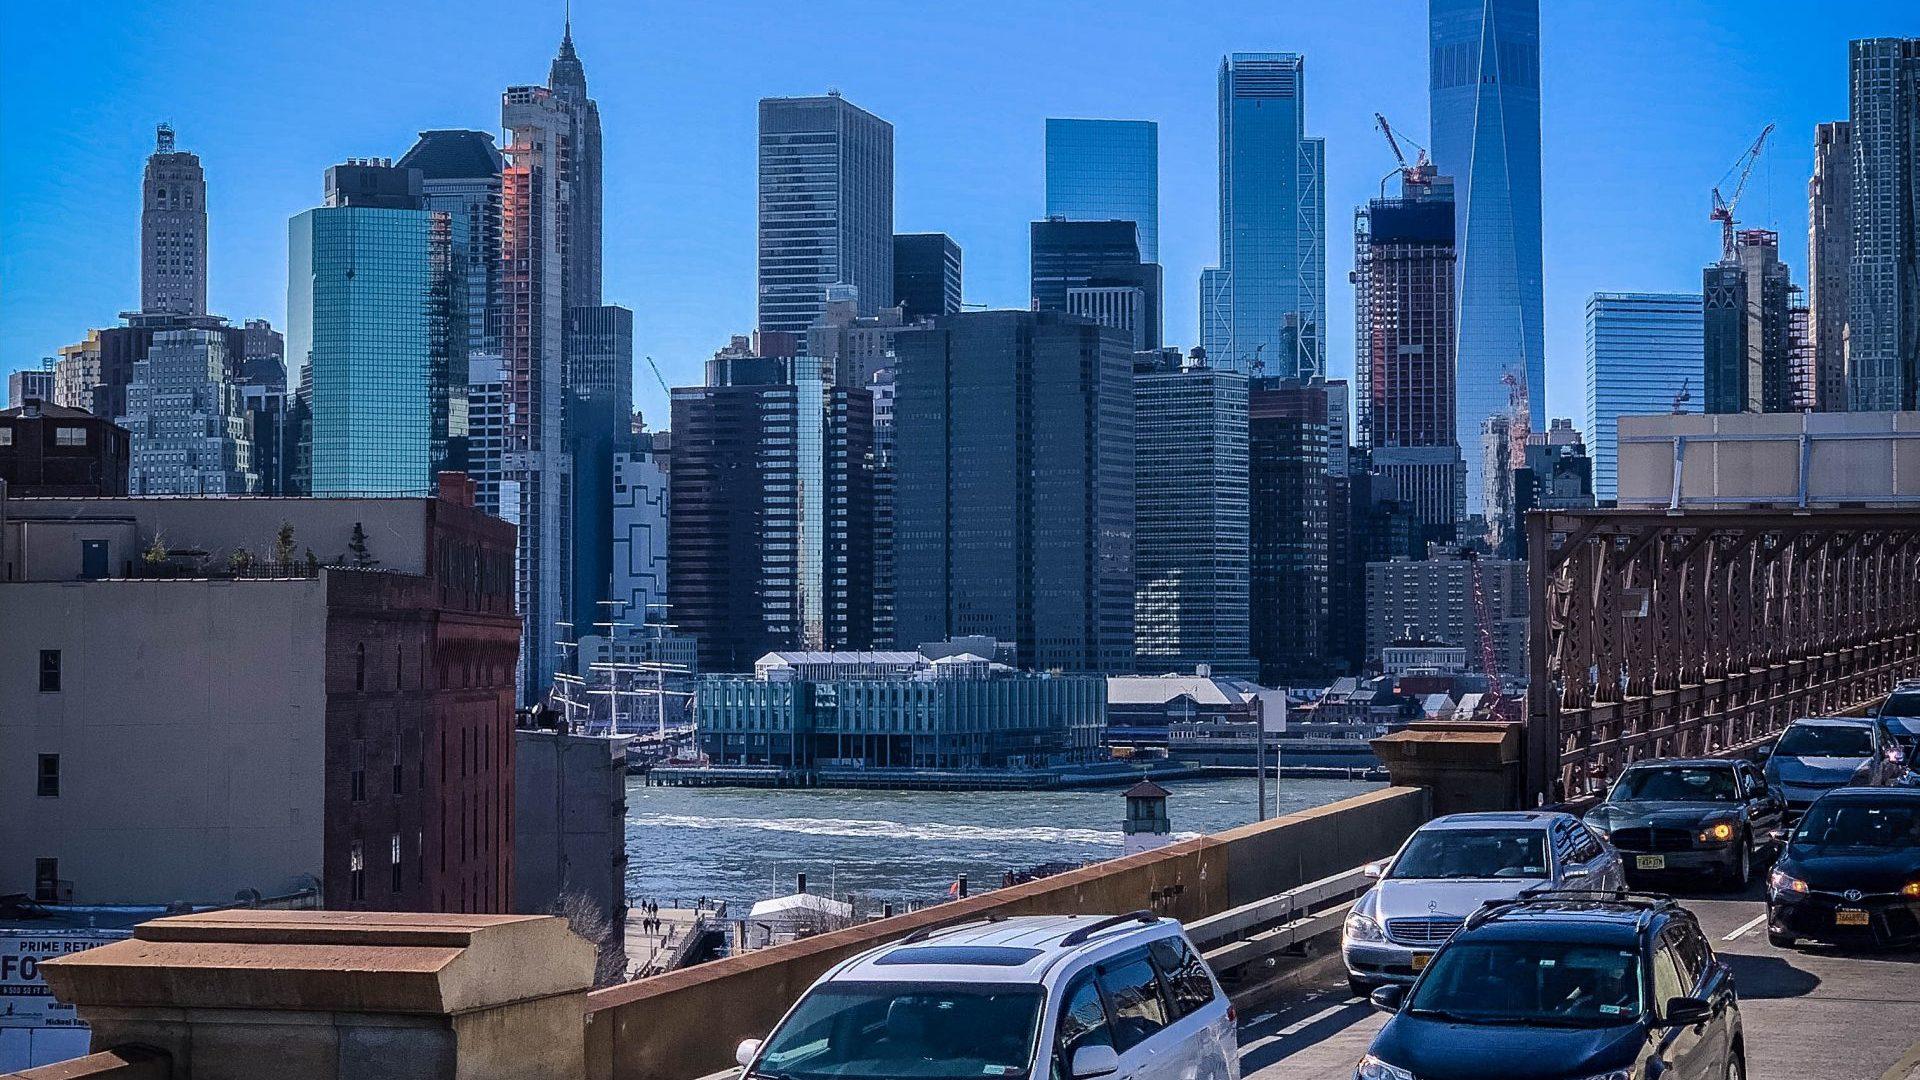 Skyline New York, USA